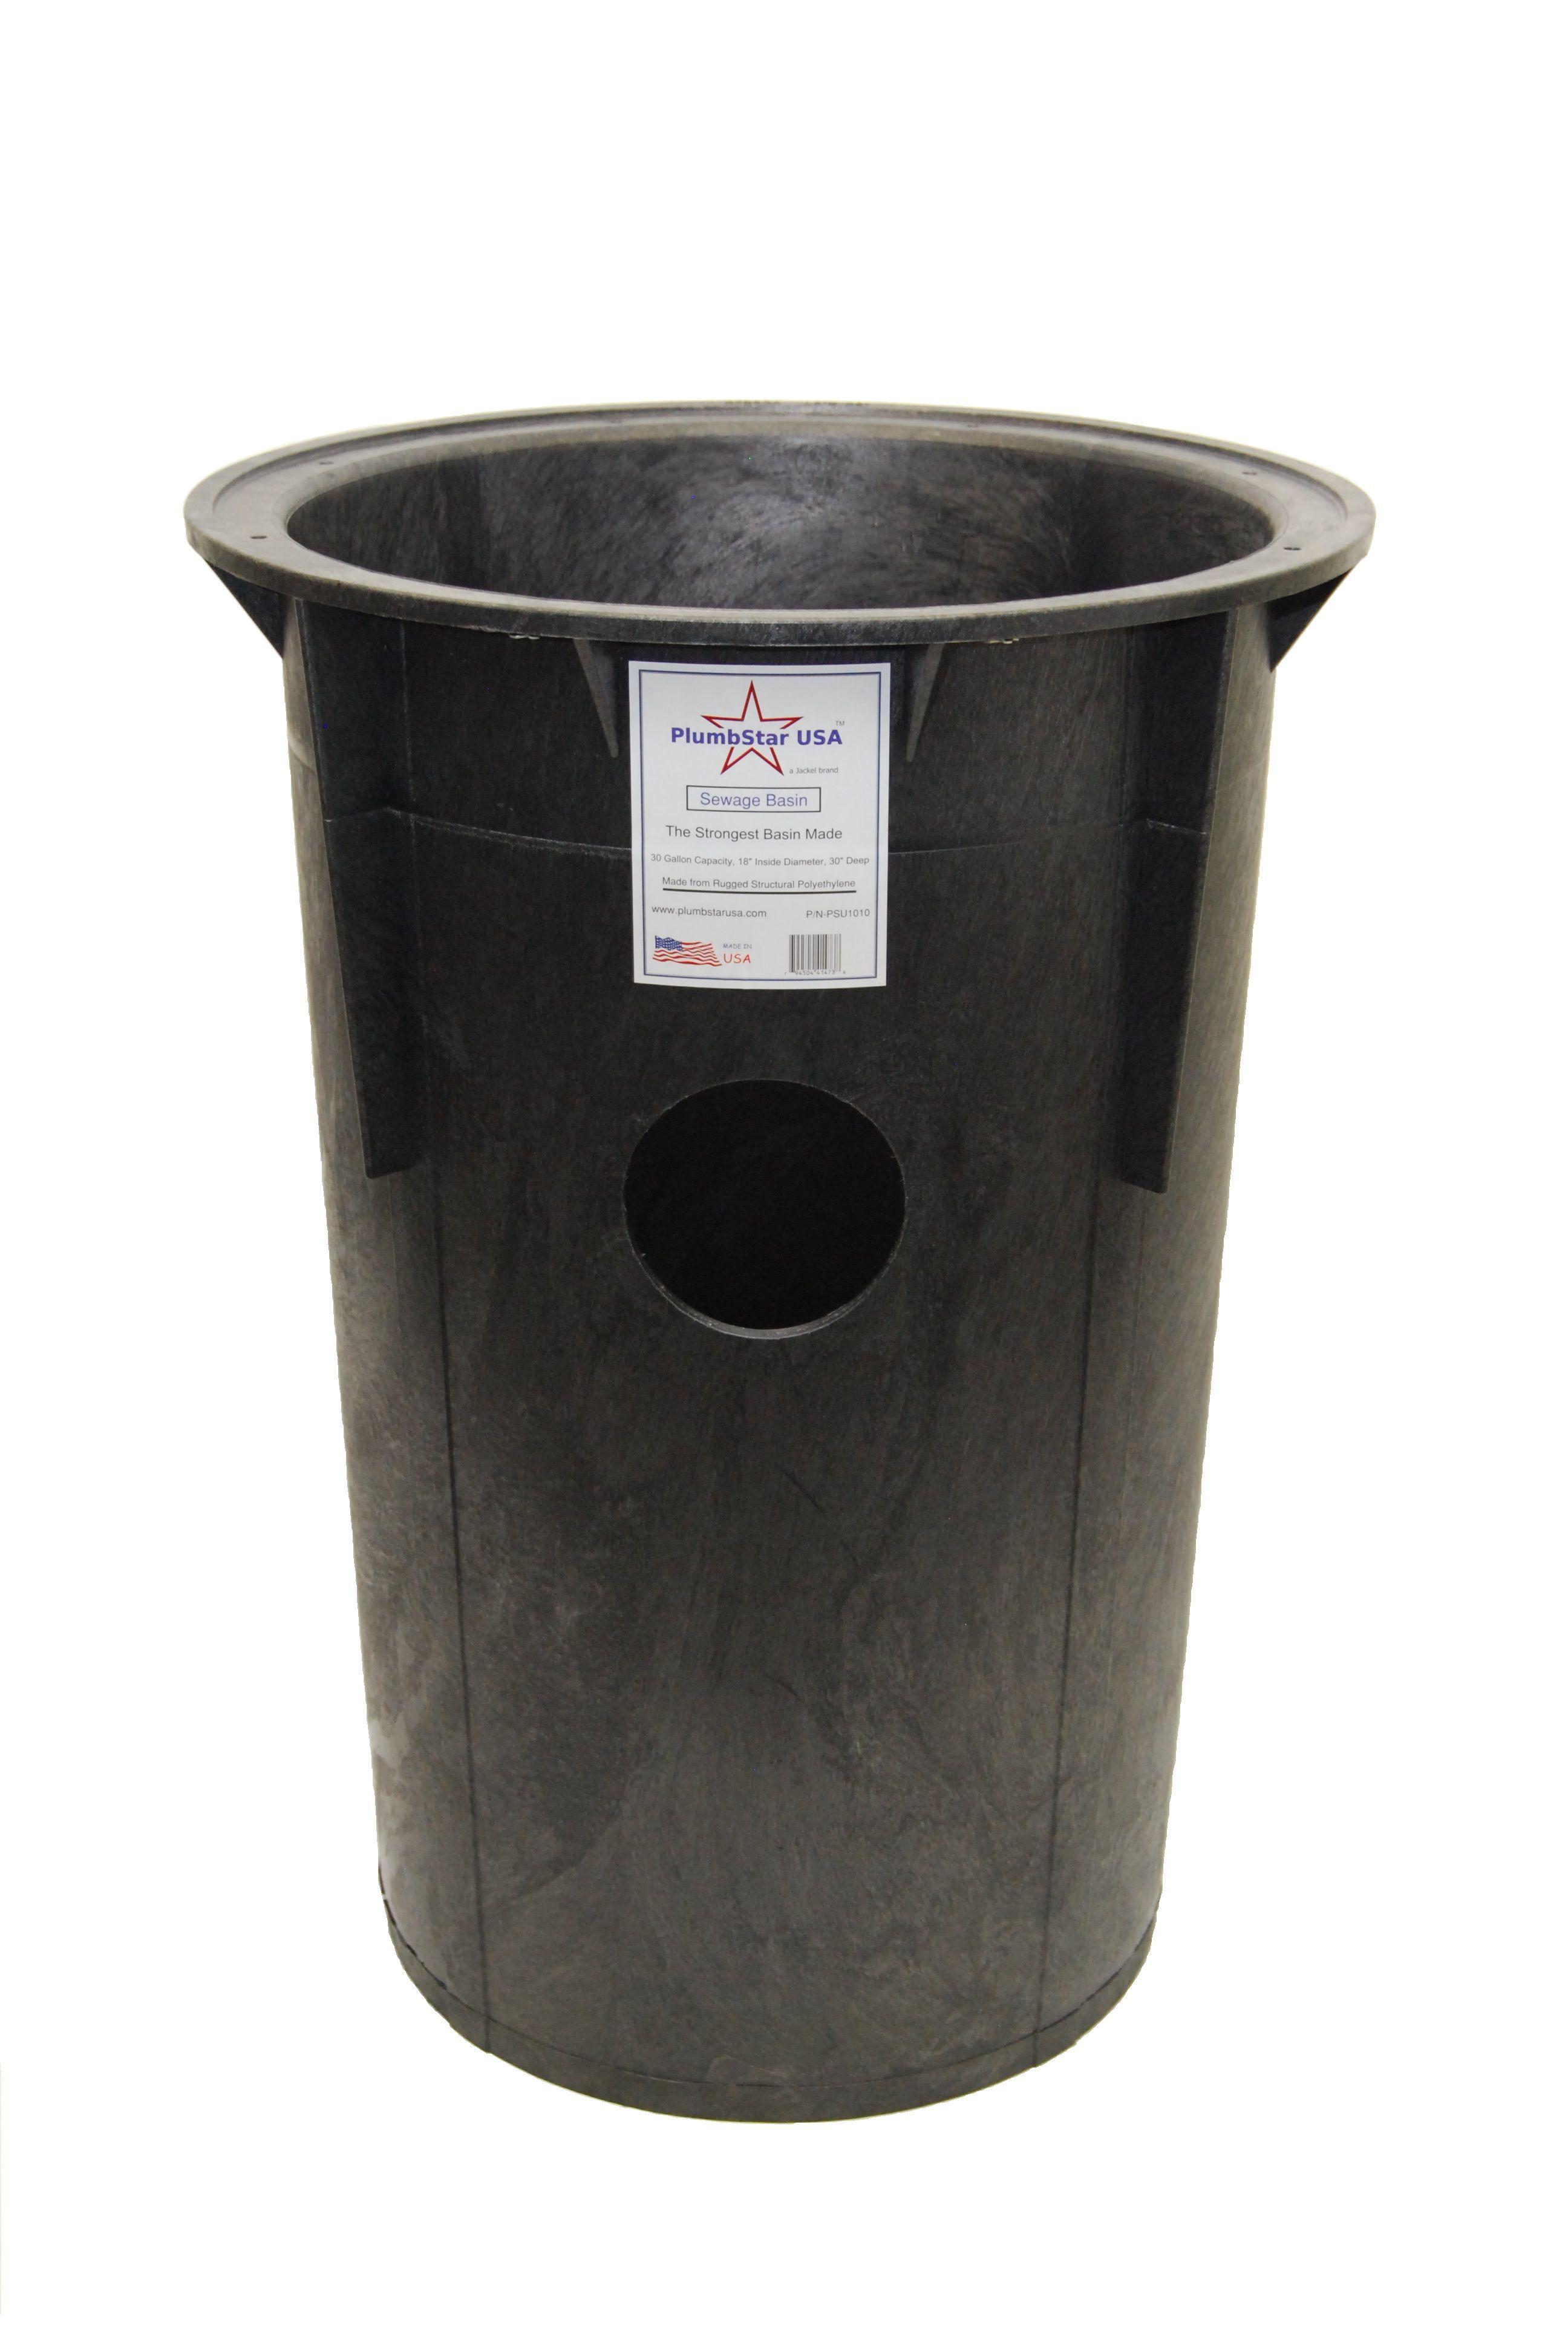 Our 30 Gallon Plumbstar Usa Sewage Basin Basin Sump